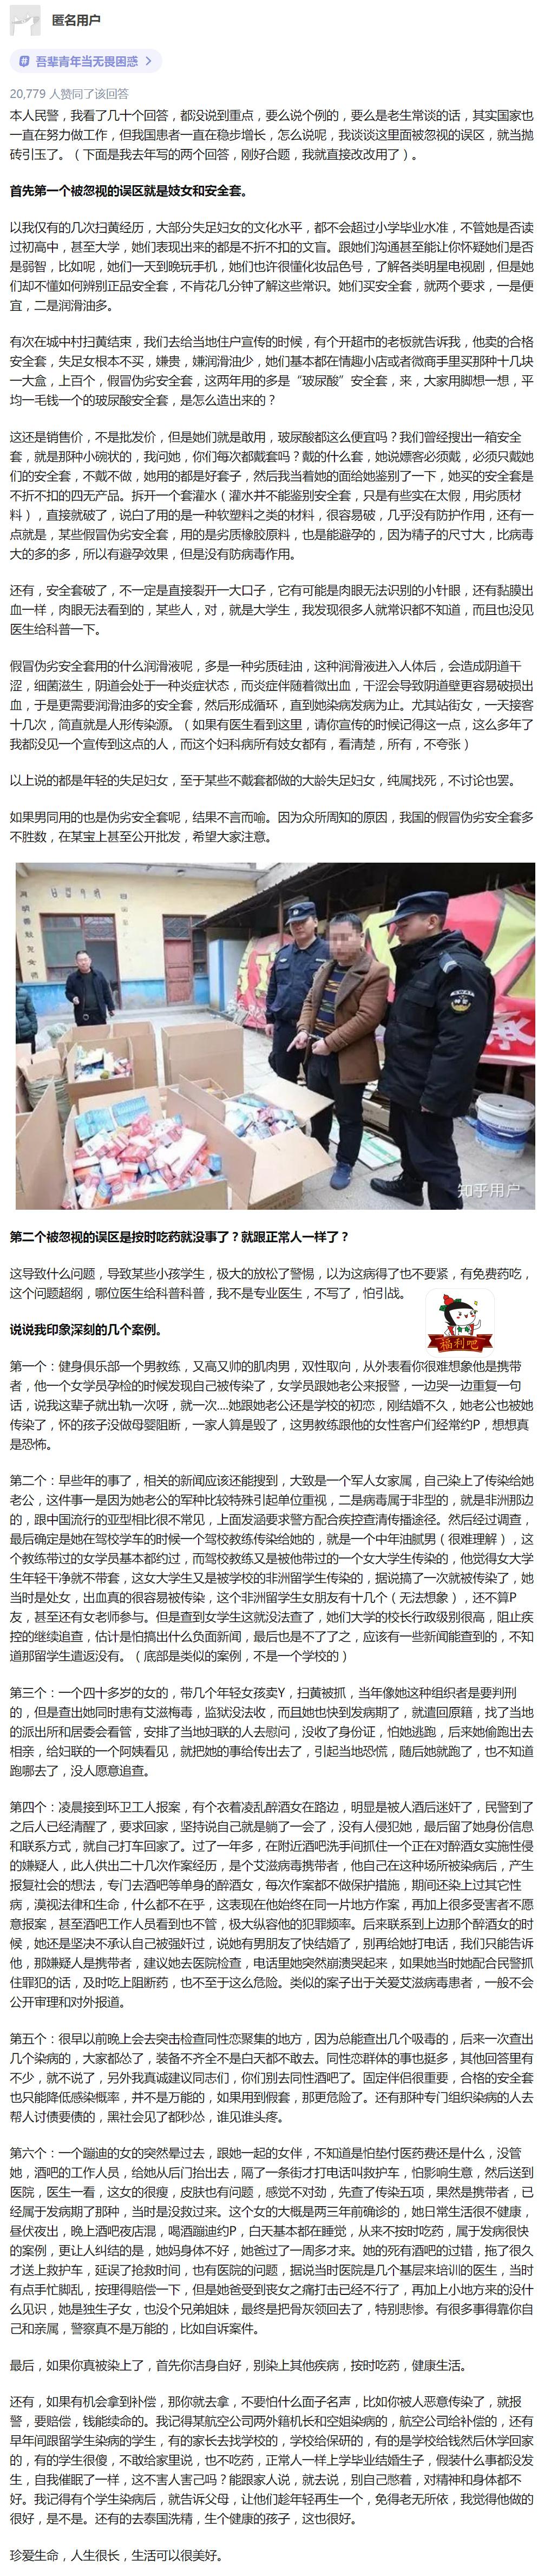 谈为什么中国的艾滋病患者这么多,真实案例让人大跌眼镜